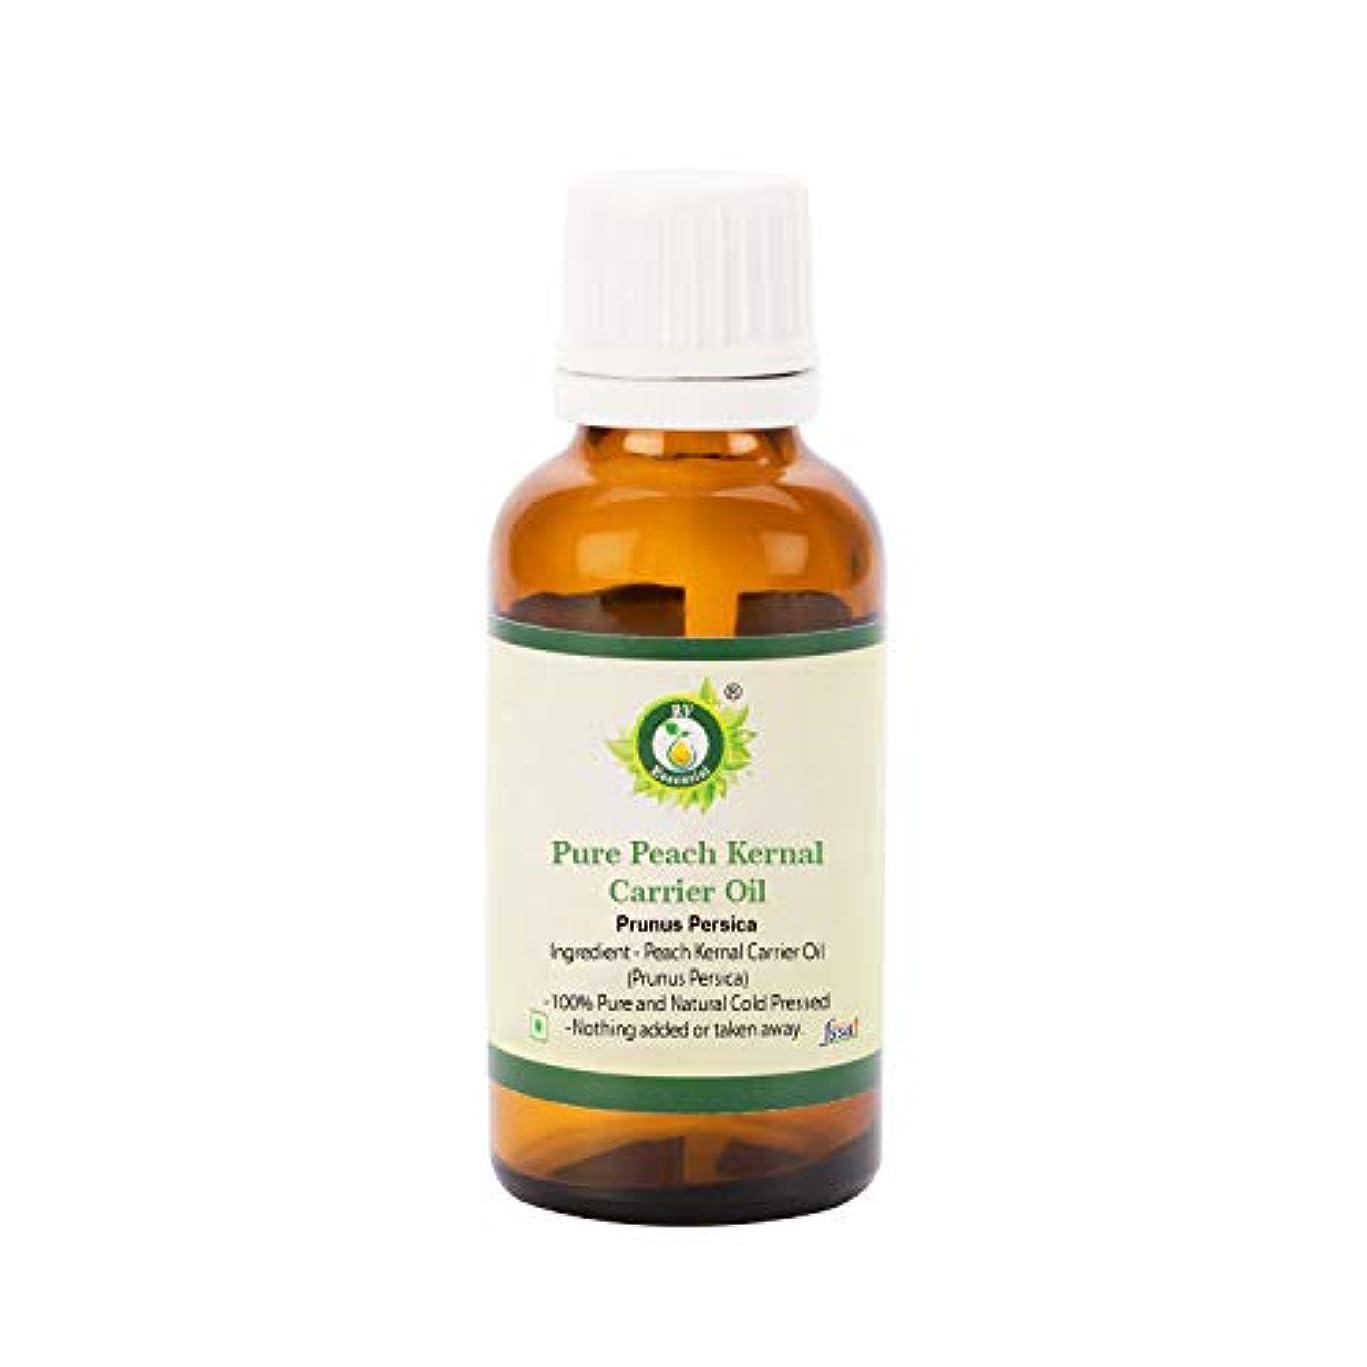 年金クラス積極的にR V Essential ピュアピーチ Kernalキャリアオイル30ml (1.01oz)- Prunus Persica (100%ピュア&ナチュラルコールドPressed) Pure Peach Kernal Carrier...